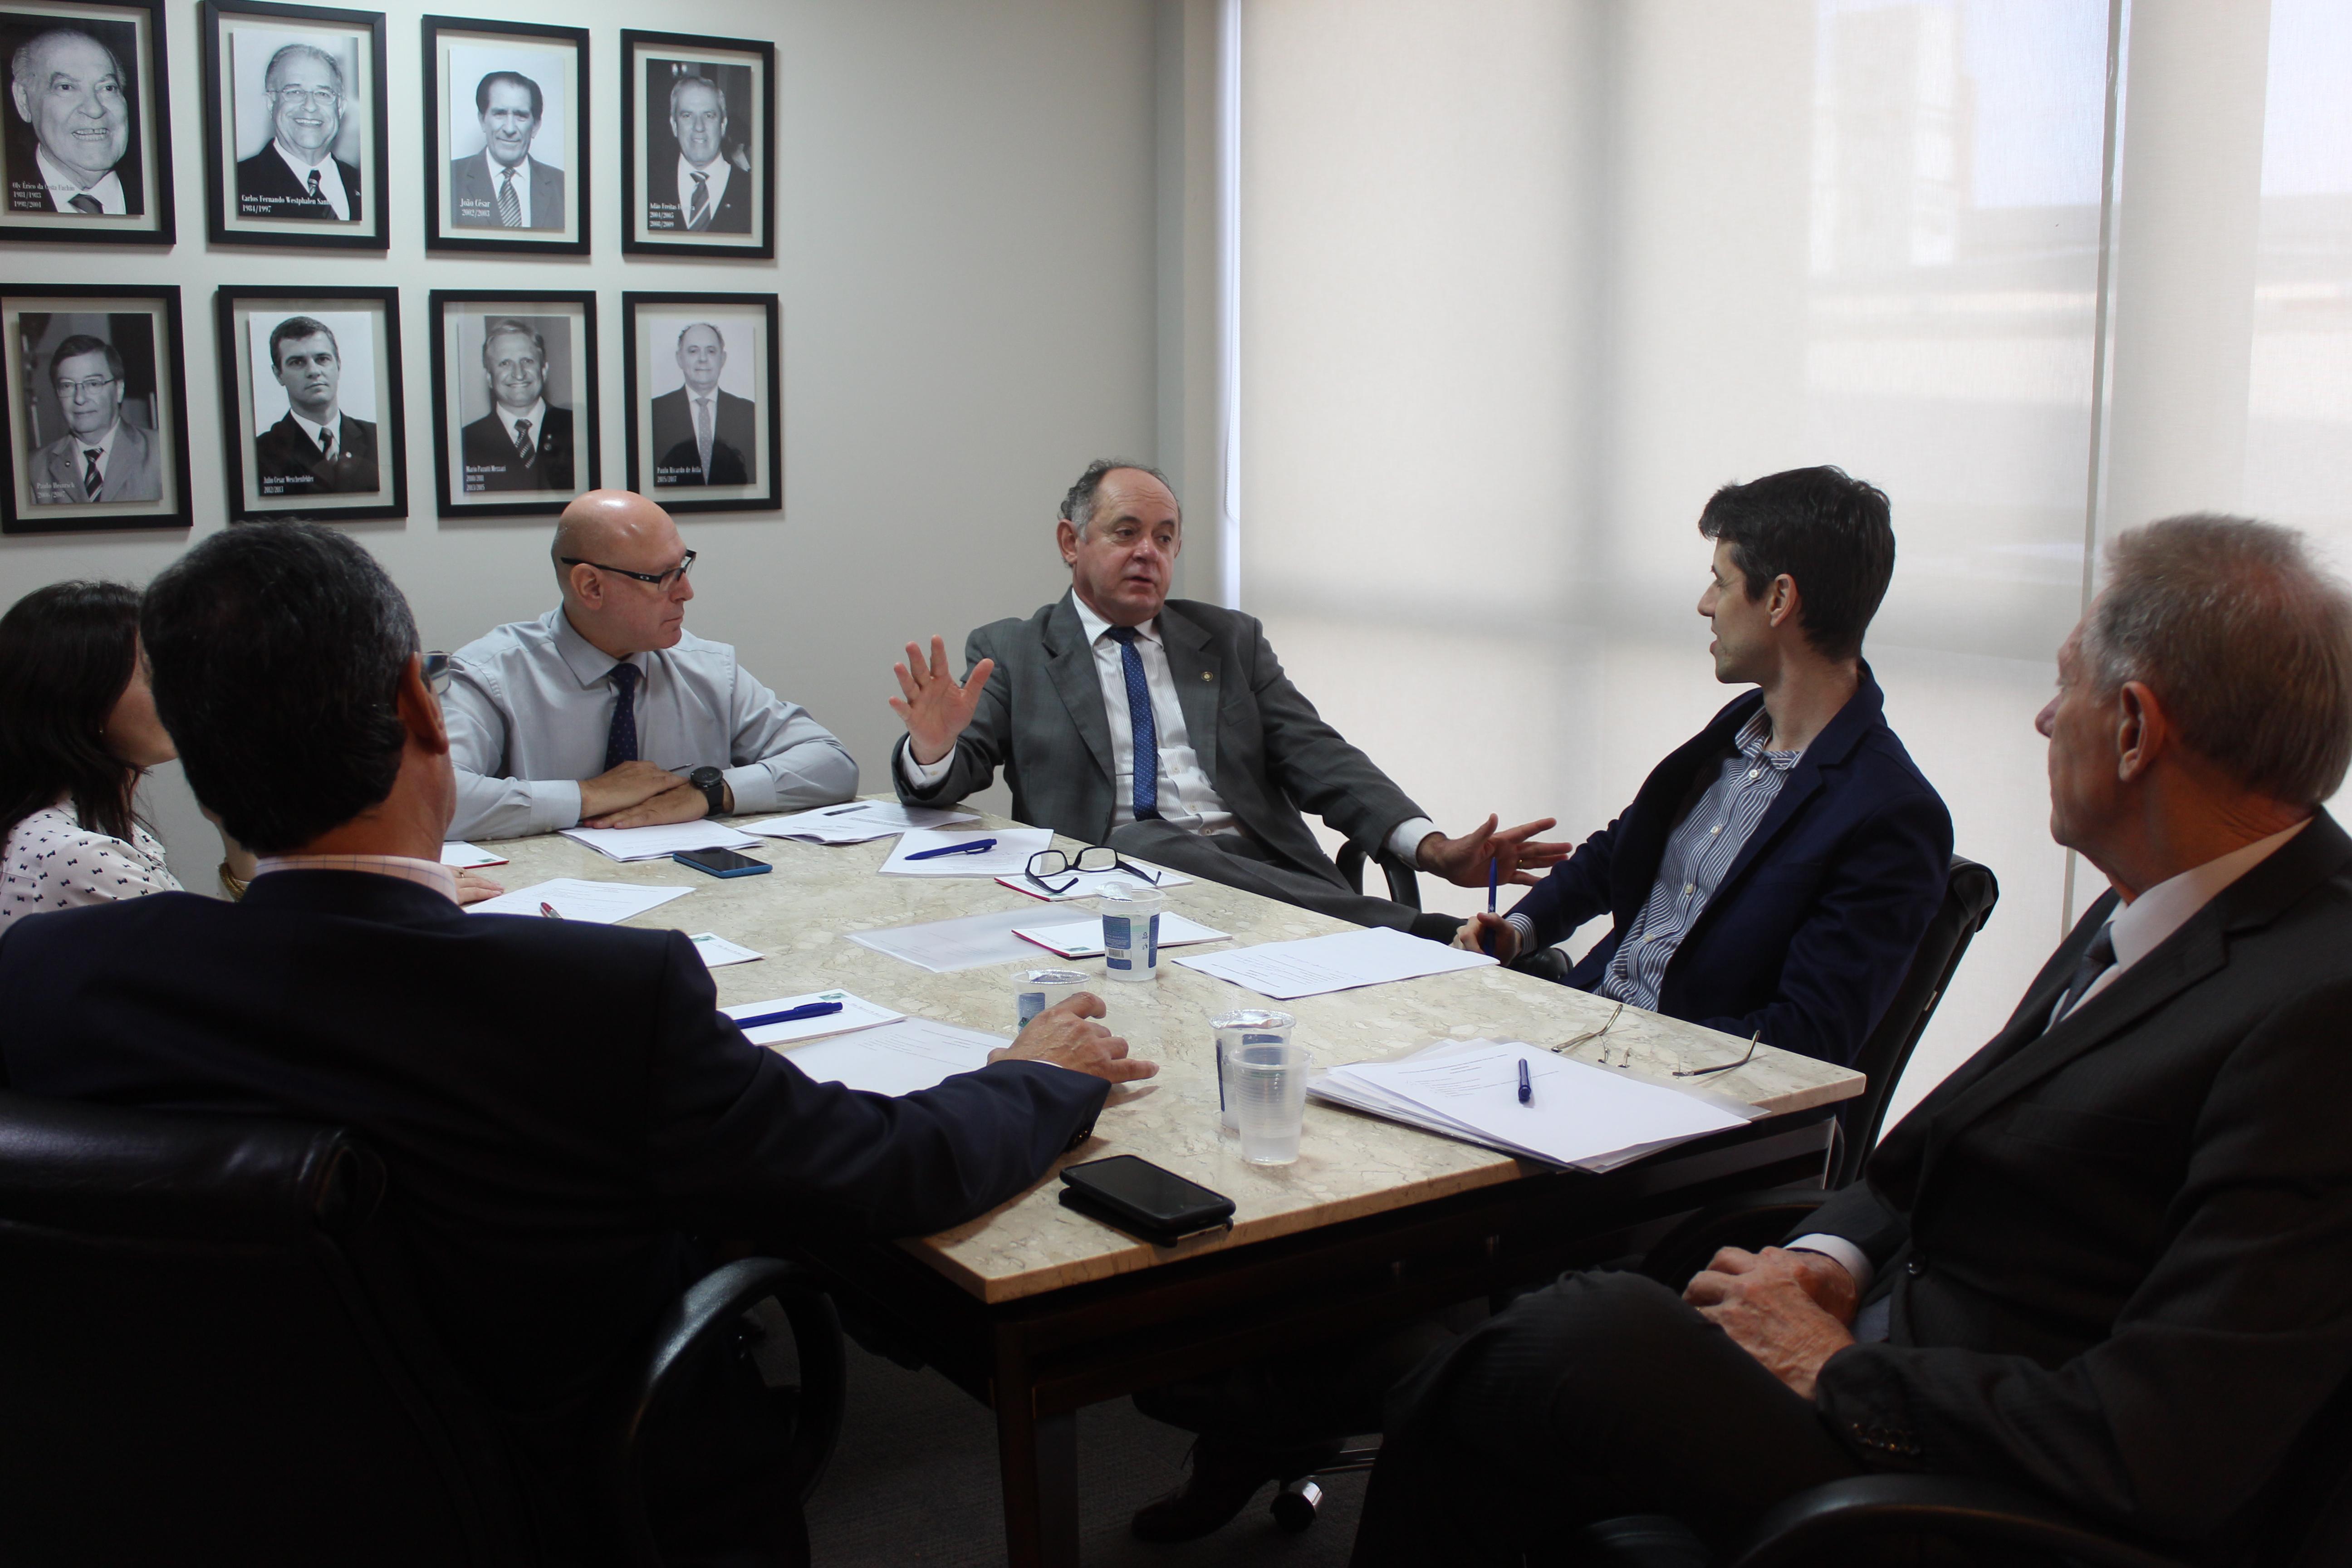 IRIRGS realiza reunião mensal de Diretoria e debate assuntos de interesse da classe